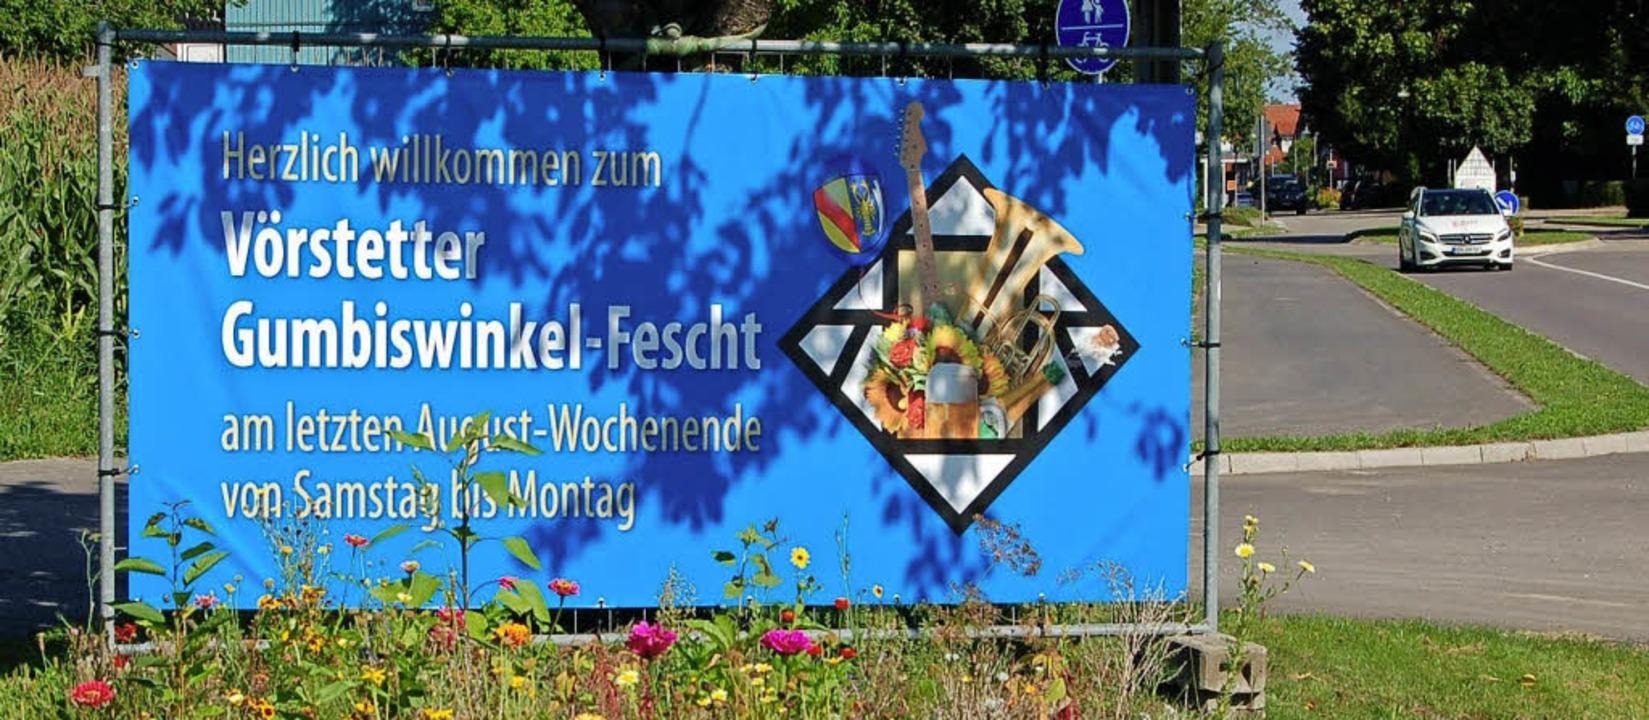 Wer nach Vörstetten kommt, sieht gleic...nende wieder Gumbiswinkel-Fescht ist.   | Foto: Christian Ringwald